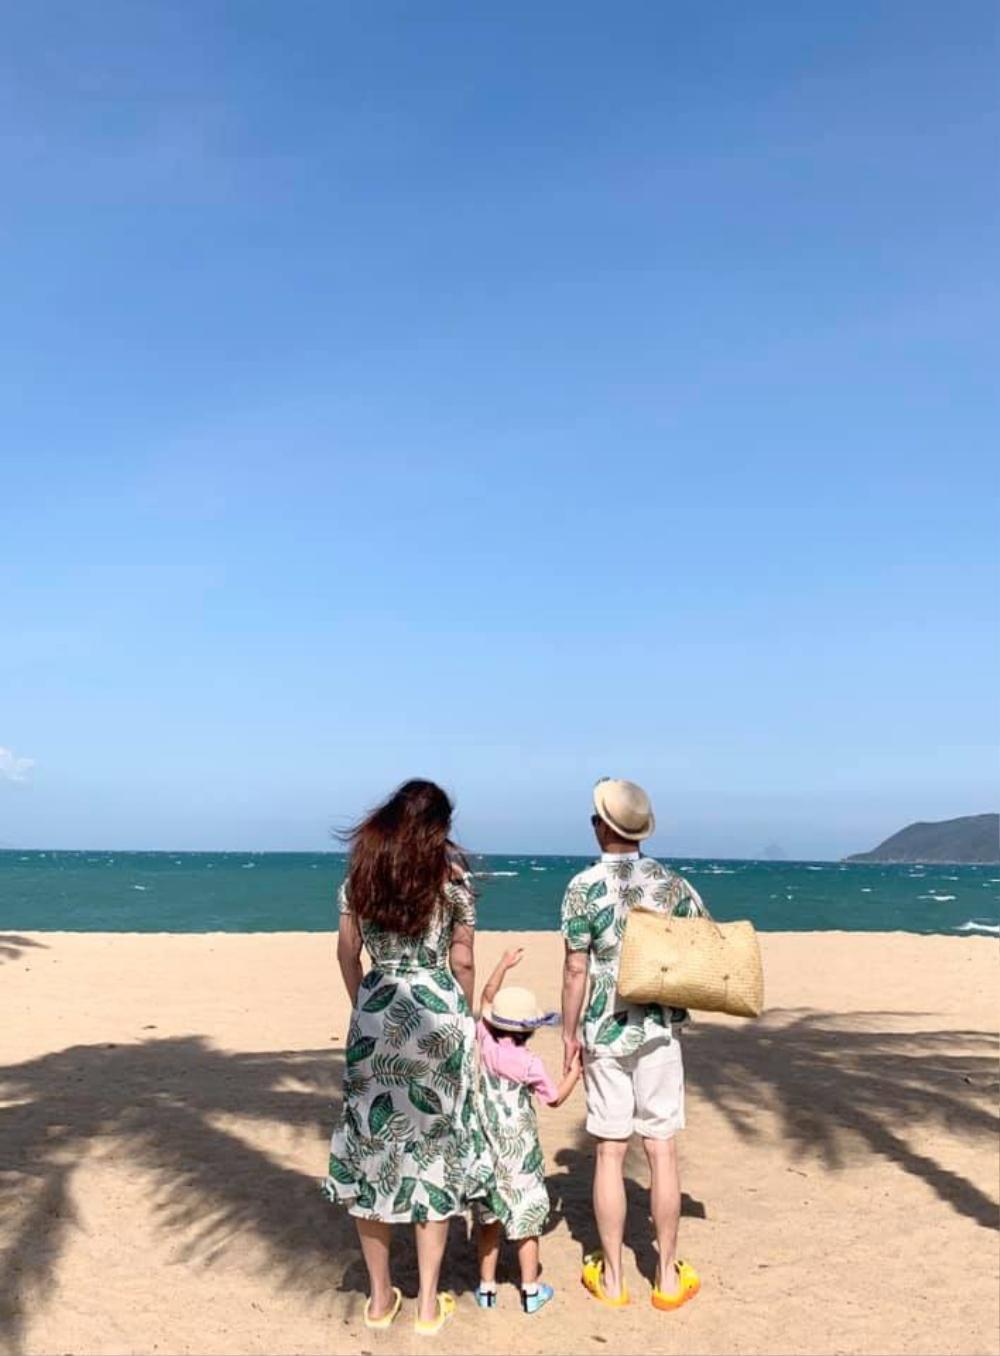 Chồng đại gia của Phan Như Thảo 'rầu rĩ' vì con bám cả ngày, không thể gần gũi với vợ Ảnh 6